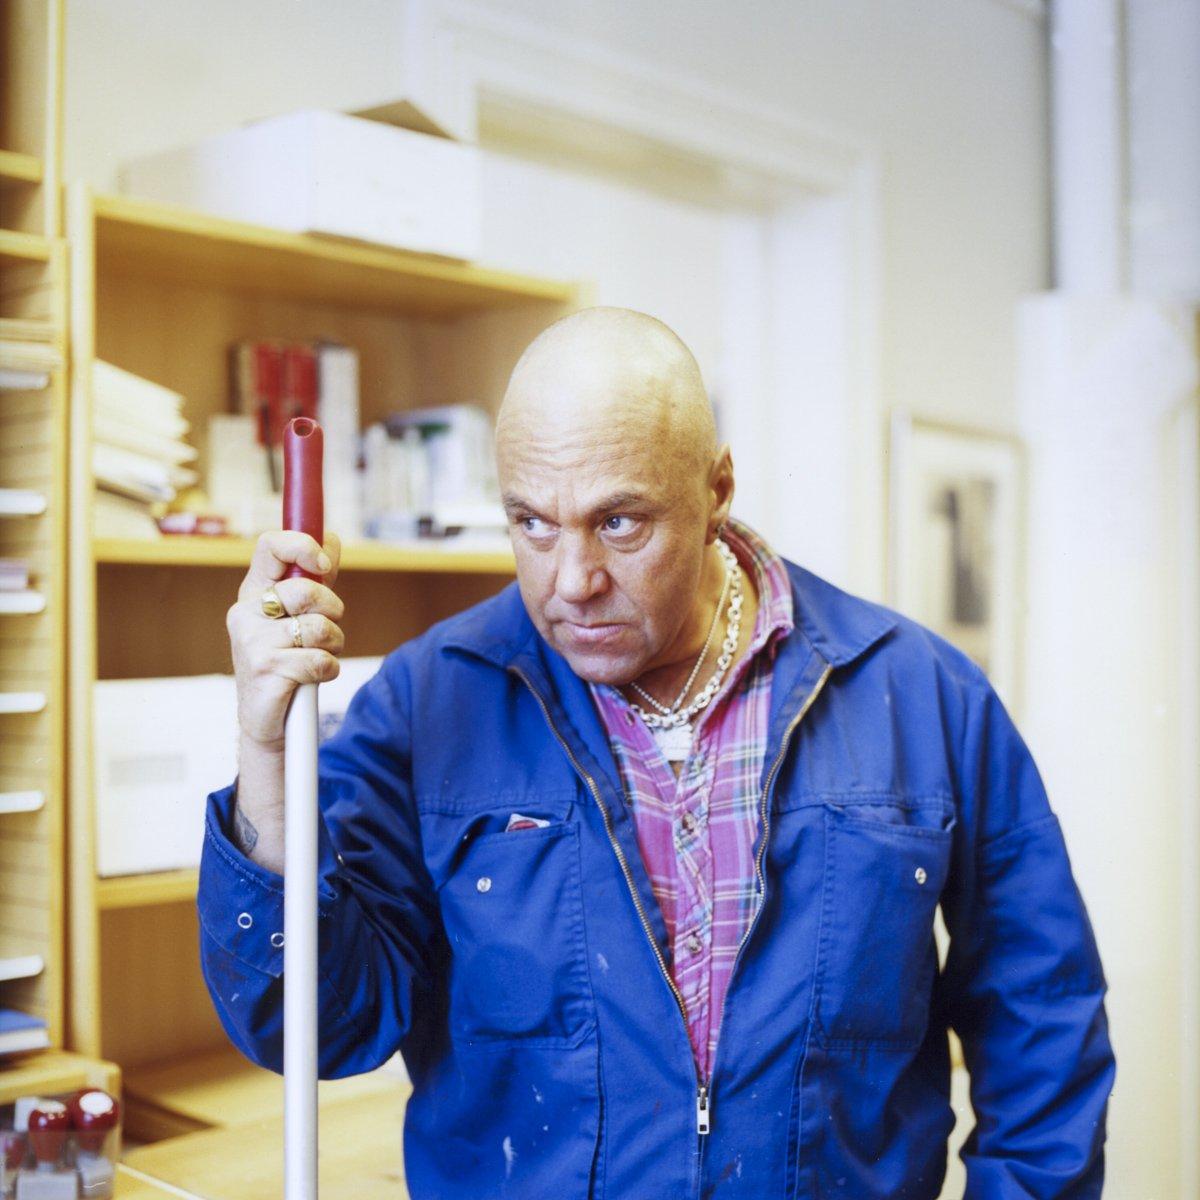 Prisão da Noruega para criminosos violentos parece mais uma colônia de fêrias 11